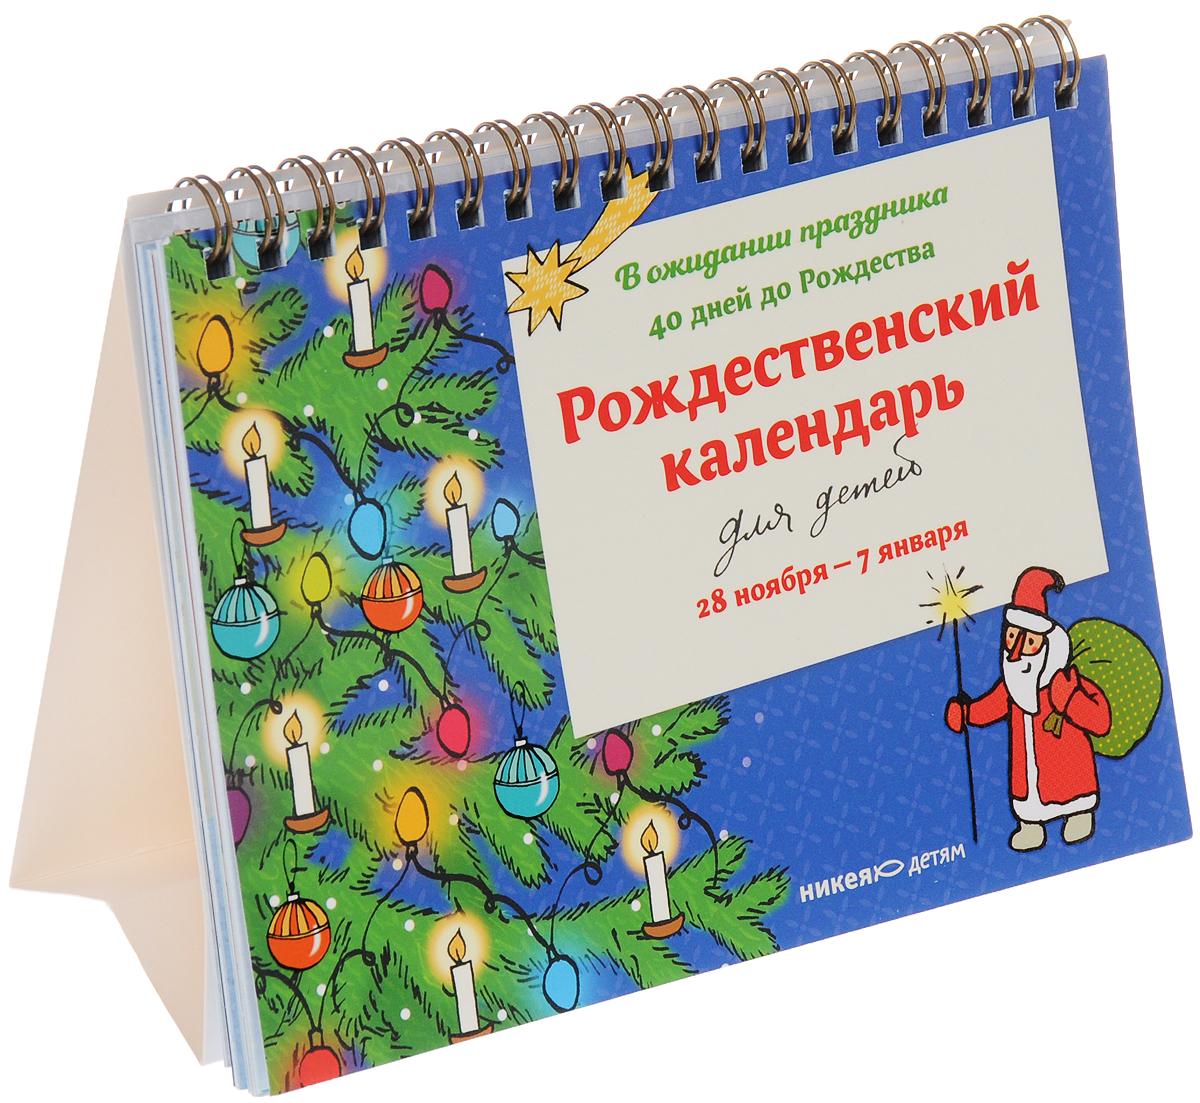 Рождественский календарь. В ожидании праздника. 28 ноября - 7 января